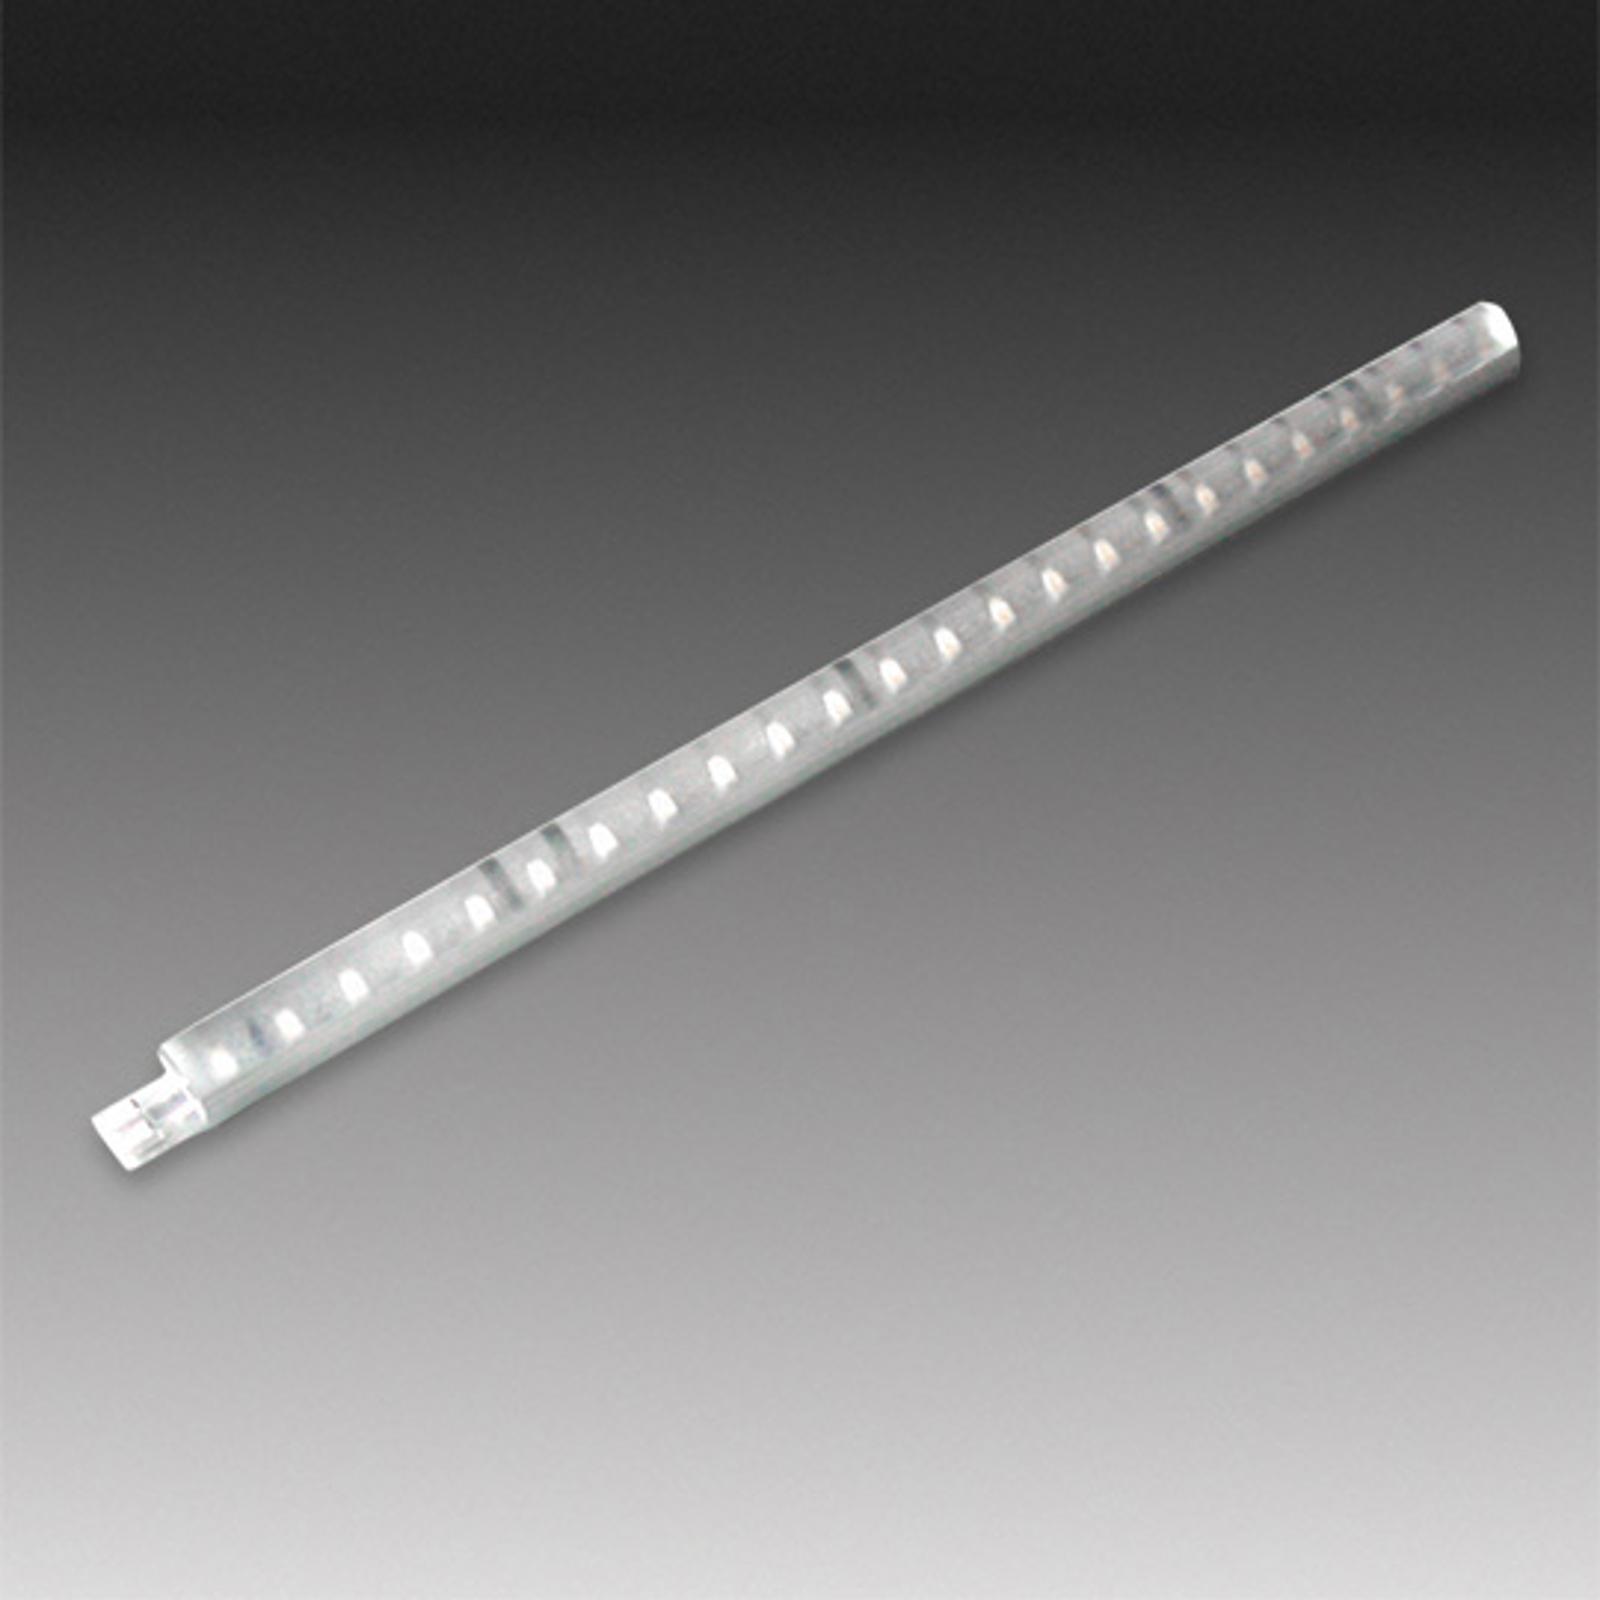 Produktové foto HERA LED STICK 2 zásuvná tyč LED nábytek denní světlo